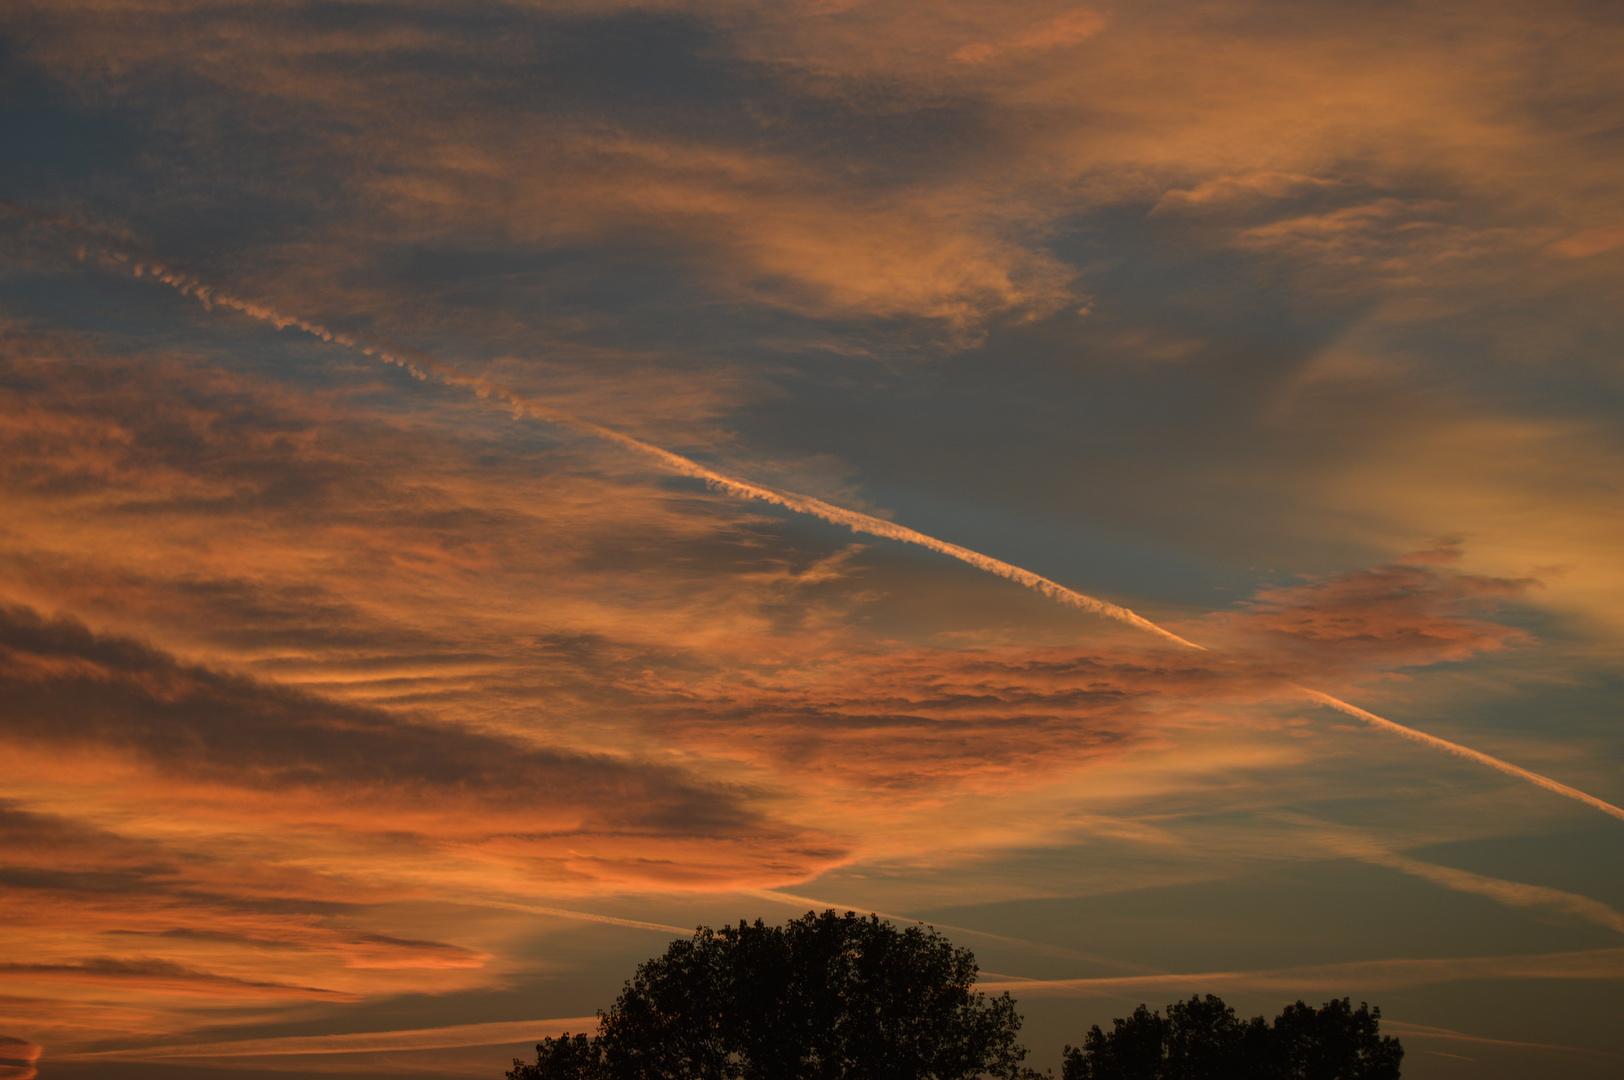 Le nuvole sono incantesimi sopra di noi